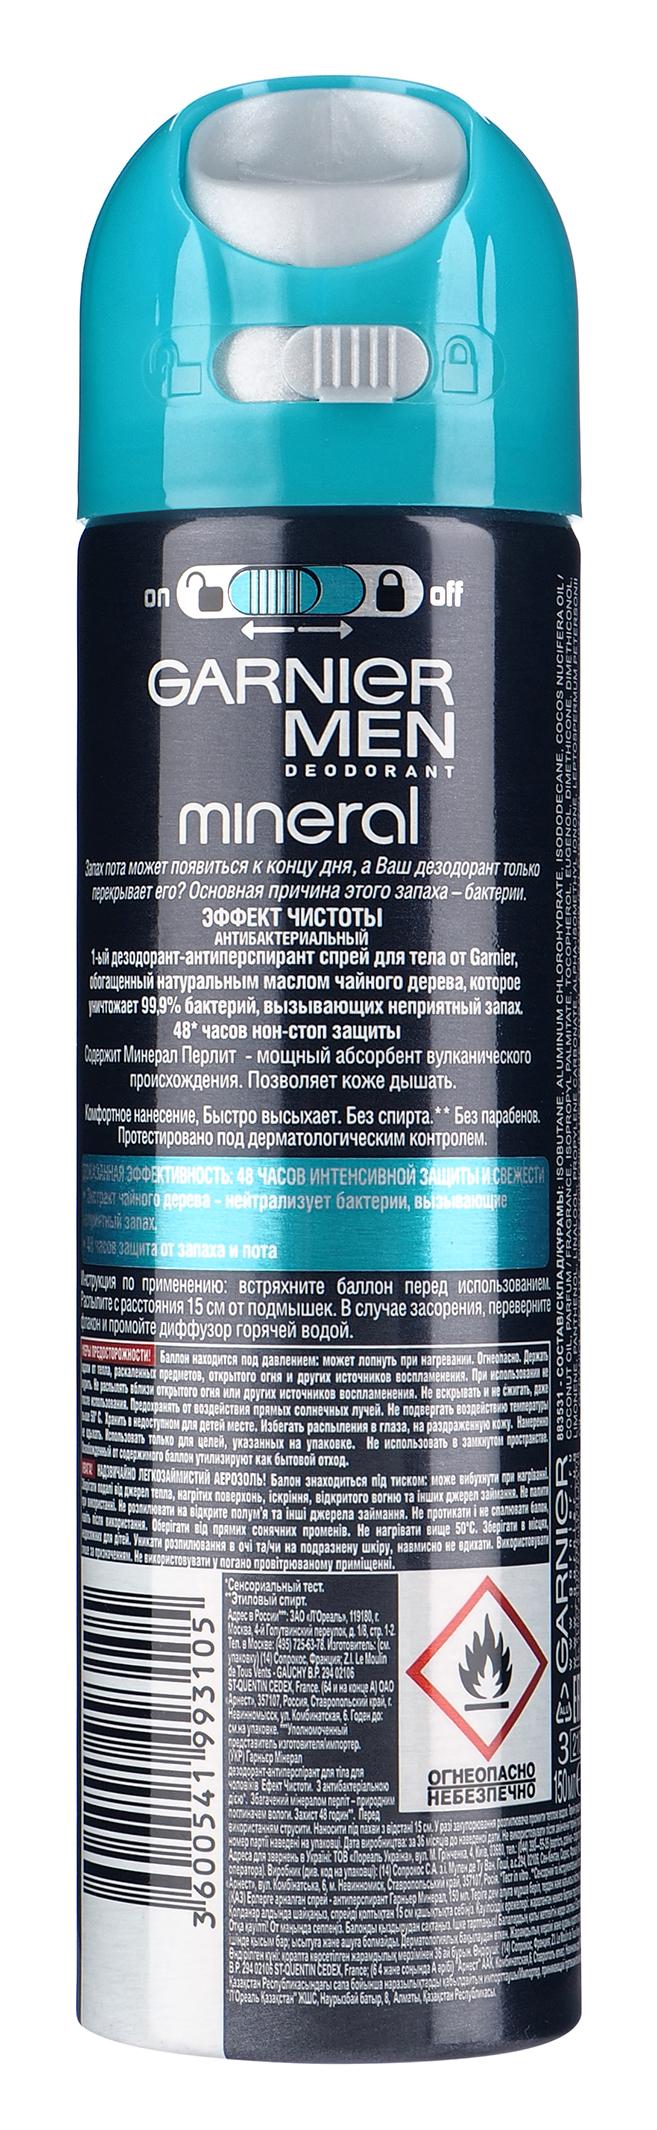 Дезодорантантиперспирант Garnier Mineral Эффект чистоты спрей  защита 48 часов мужской 150 мл